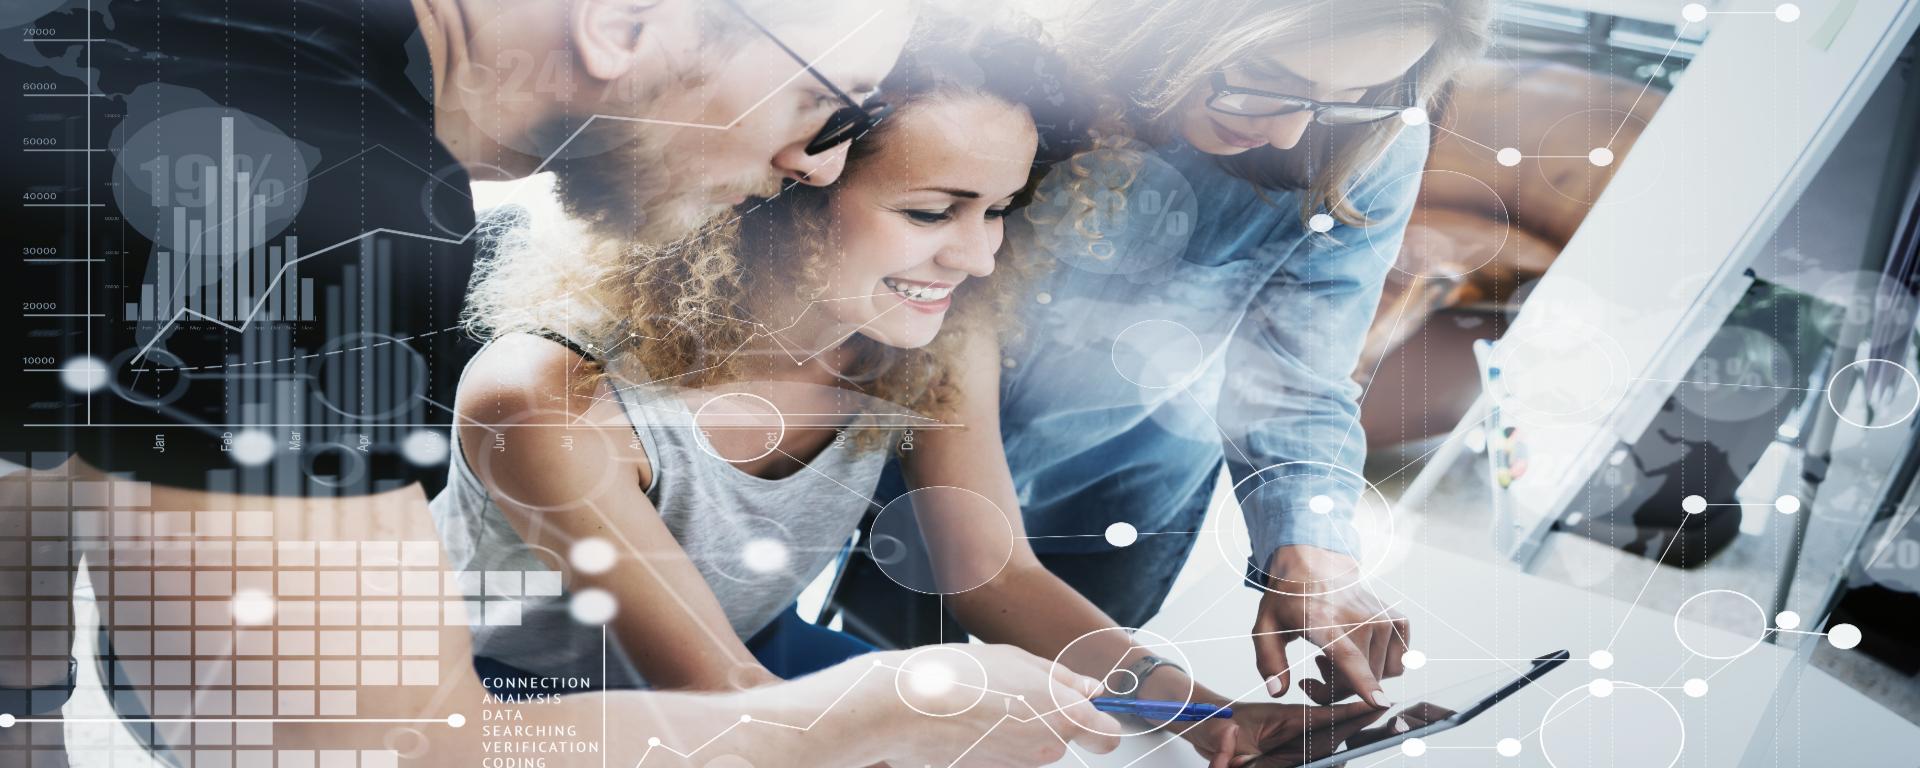 Vorteil: Marketing-Kompetenz - für mehr Reichweite und Sichtbarkeit für Dein Unternehmen. Sei dabei im Business High 5-Netzwerk!